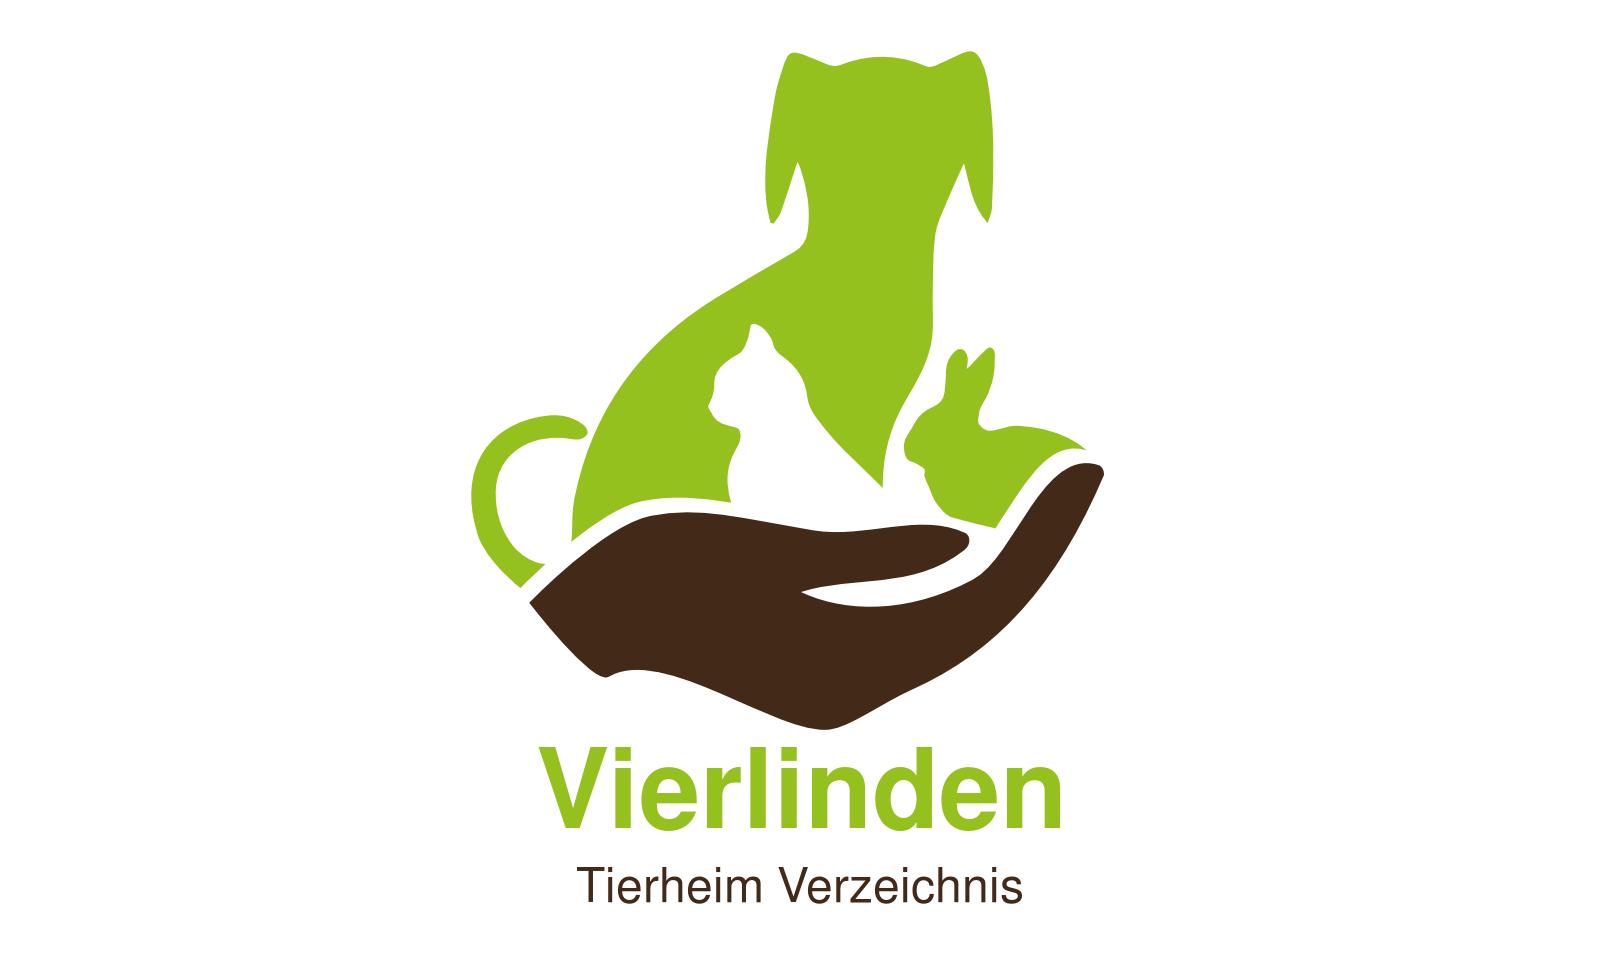 Tierheim Vierlinden